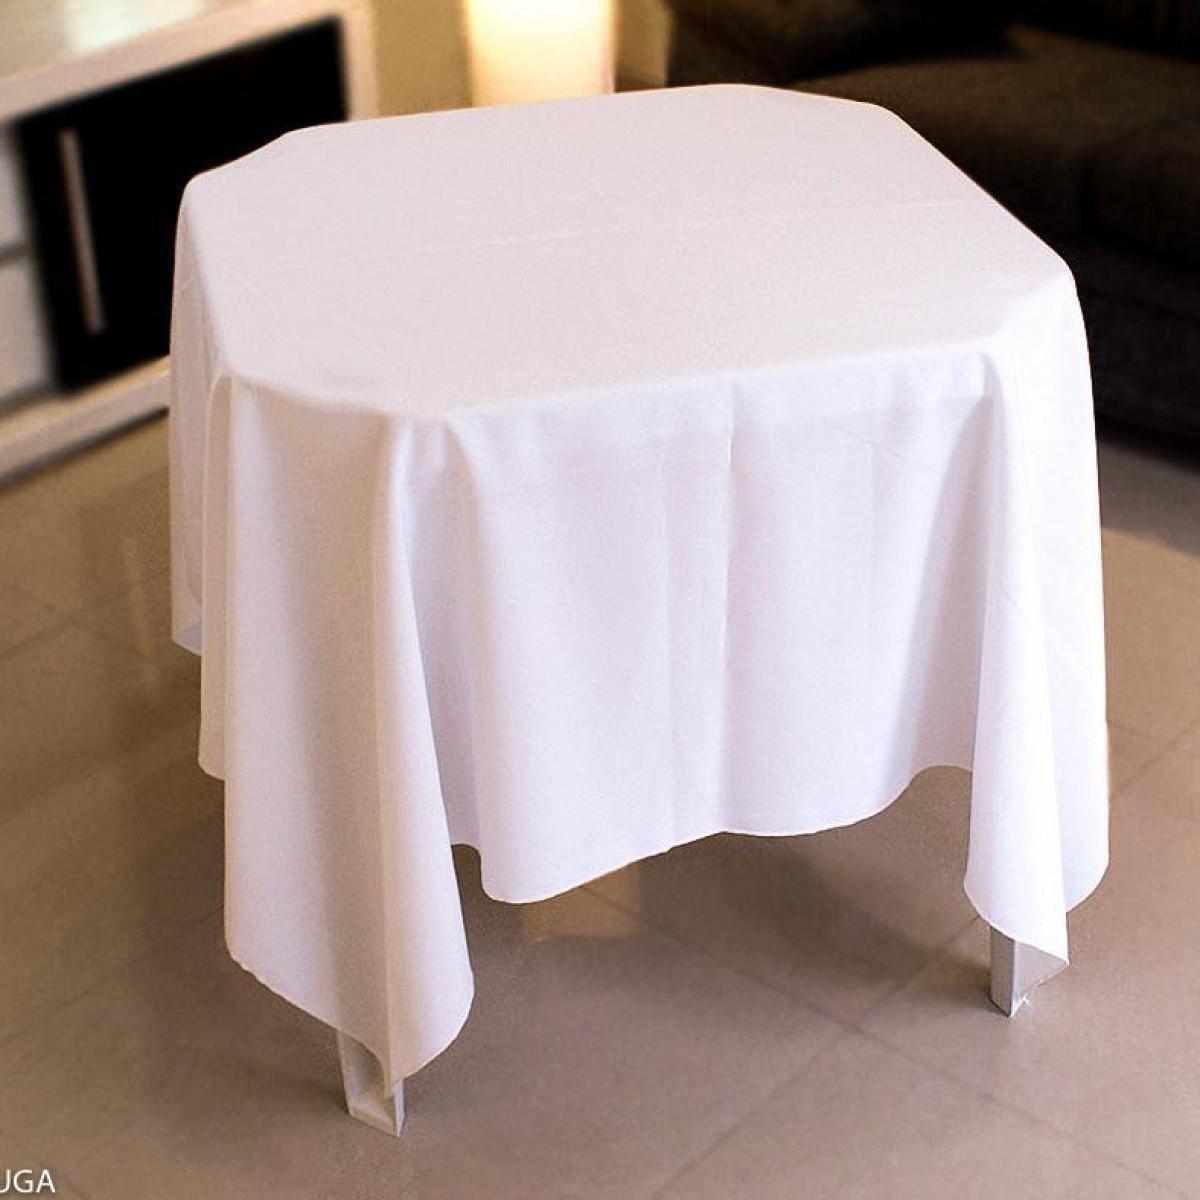 Detalhes do produto Aluguel de toalha quadrada branca